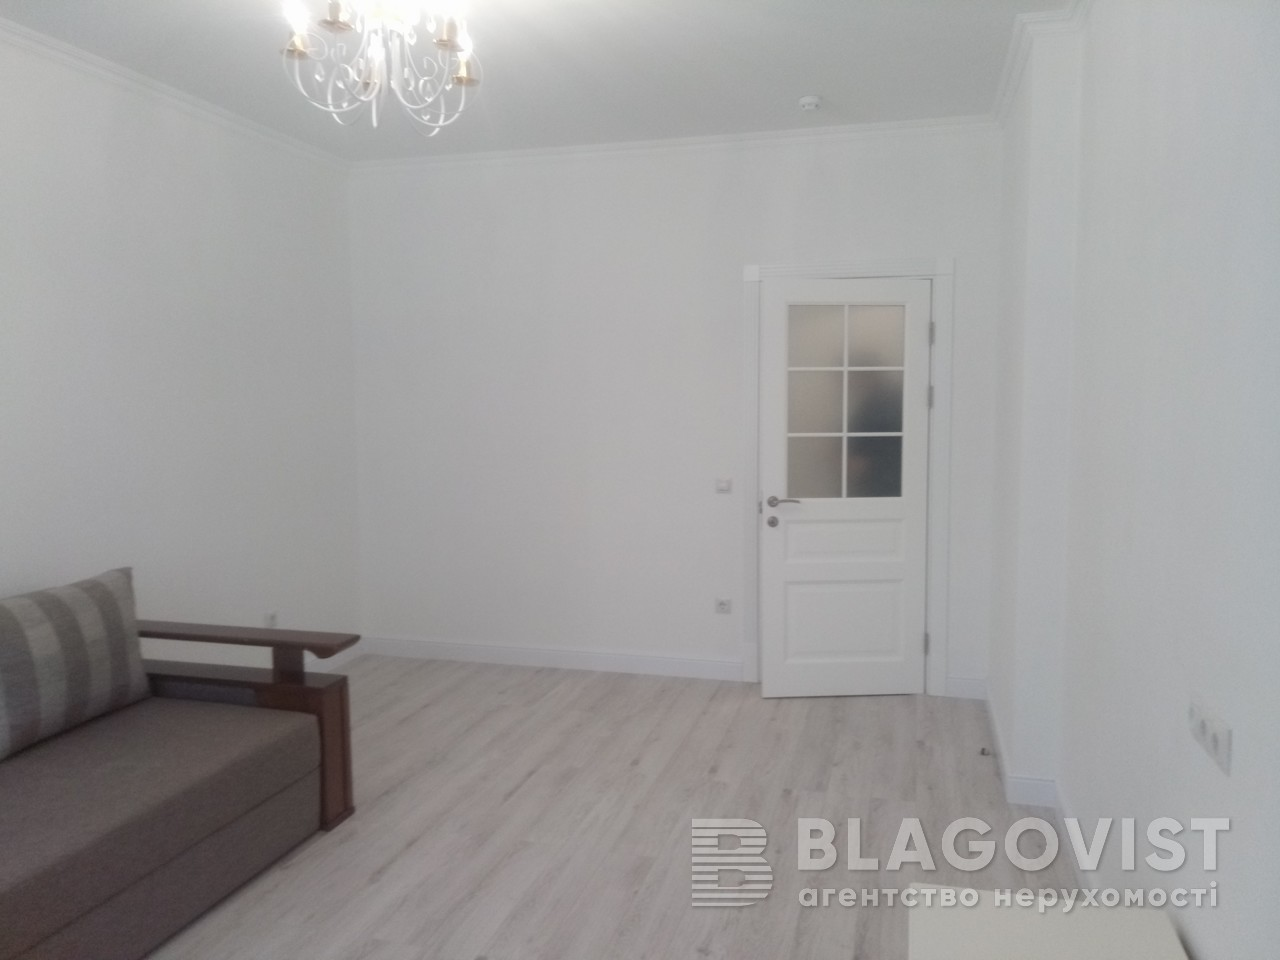 Квартира M-32330, Феодосийская, 2л, Киев - Фото 6